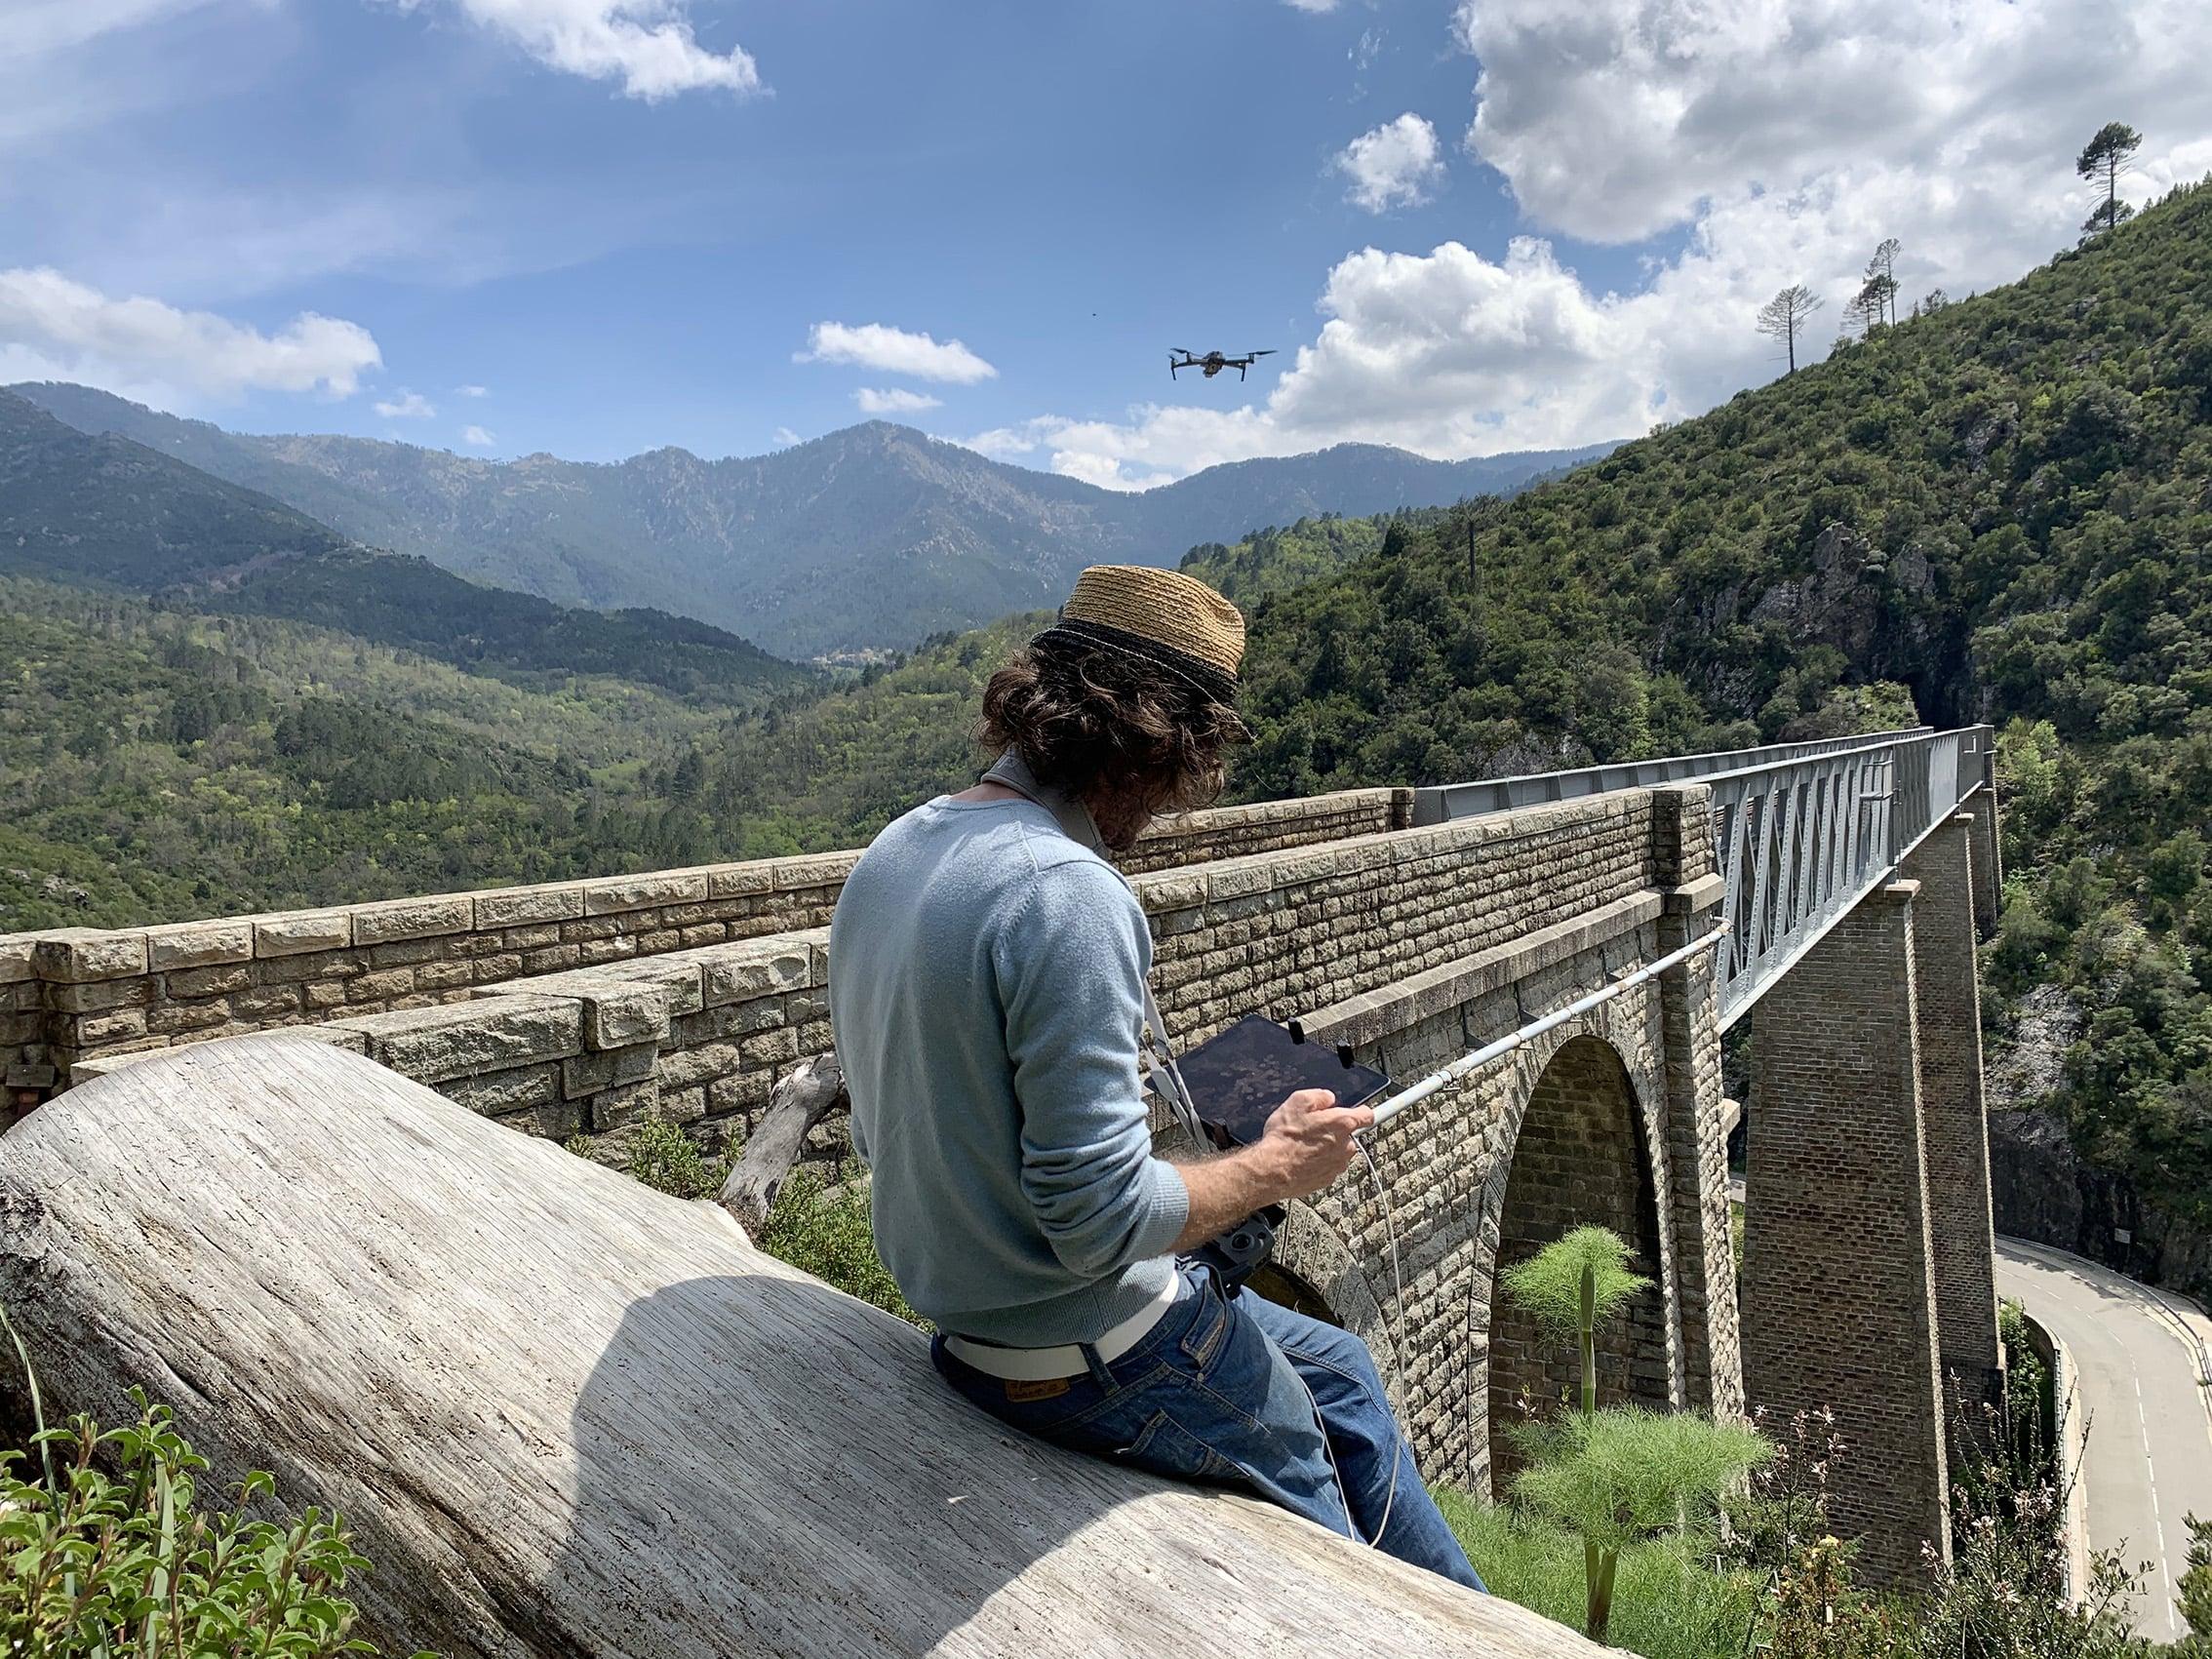 Tournage-drone-Vivario-Frenchidrone-min